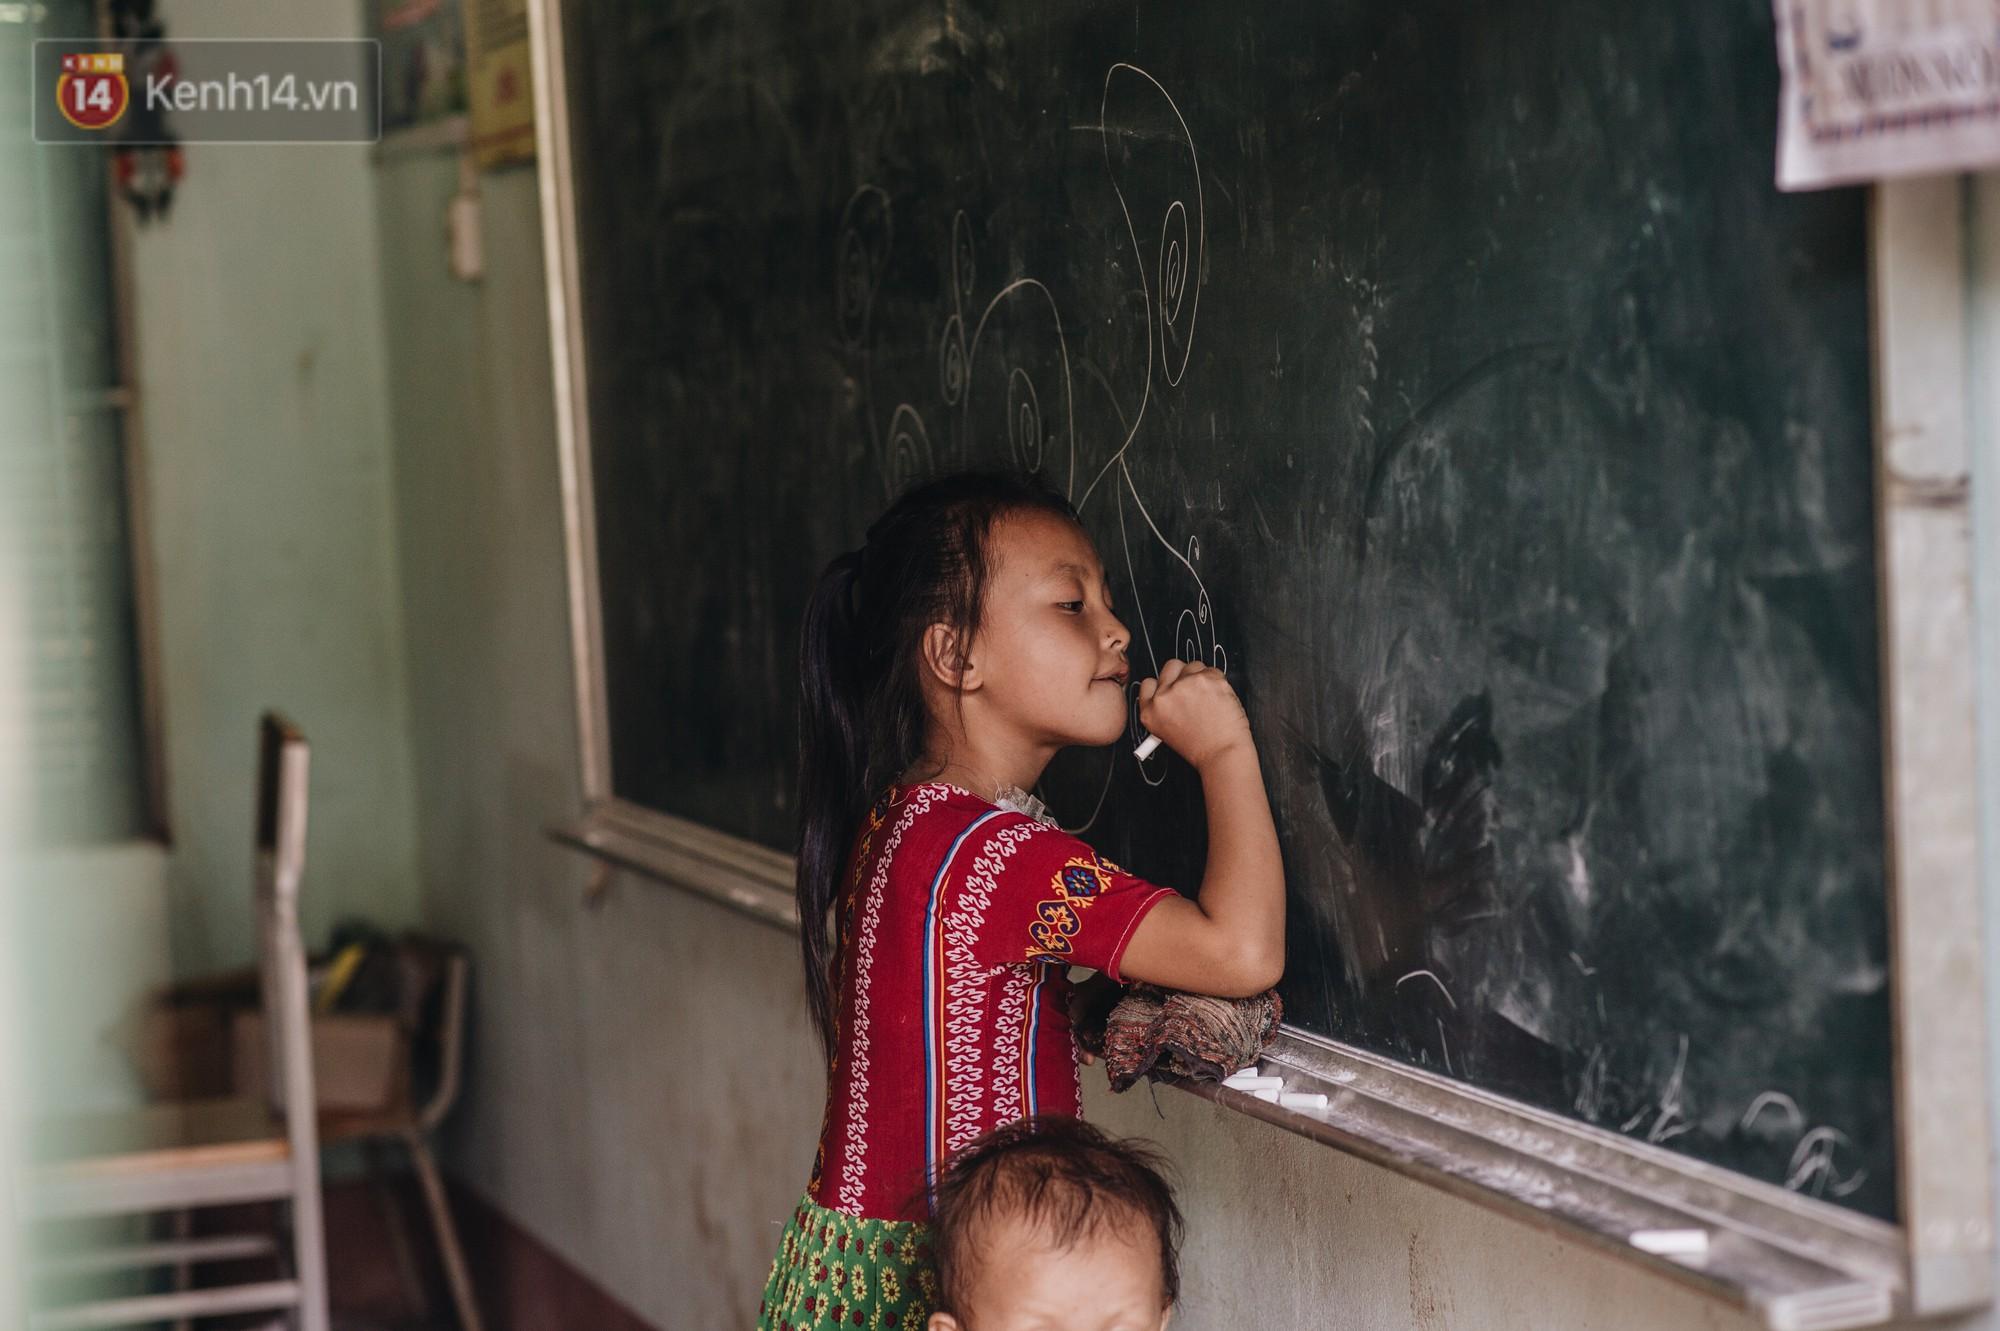 Ánh mắt kiên cường và nụ cười hồn nhiên của trẻ em Hà Giang sau trận lũ đau thương khiến 5 người chết, hàng trăm ngôi nhà đổ nát - Ảnh 7.